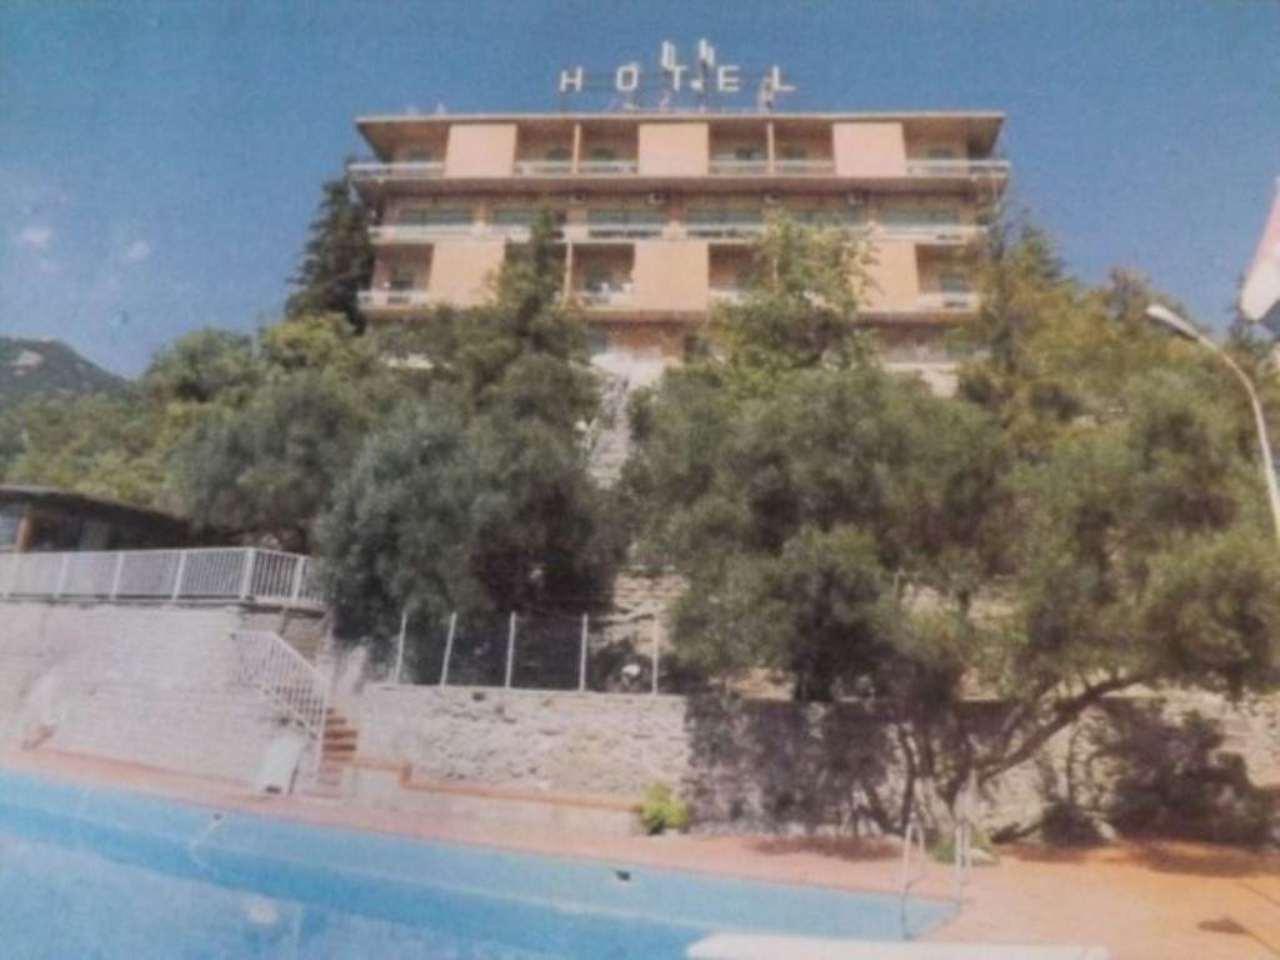 Albergo in vendita a Licenza, 6 locali, prezzo € 1.050.000 | Cambio Casa.it